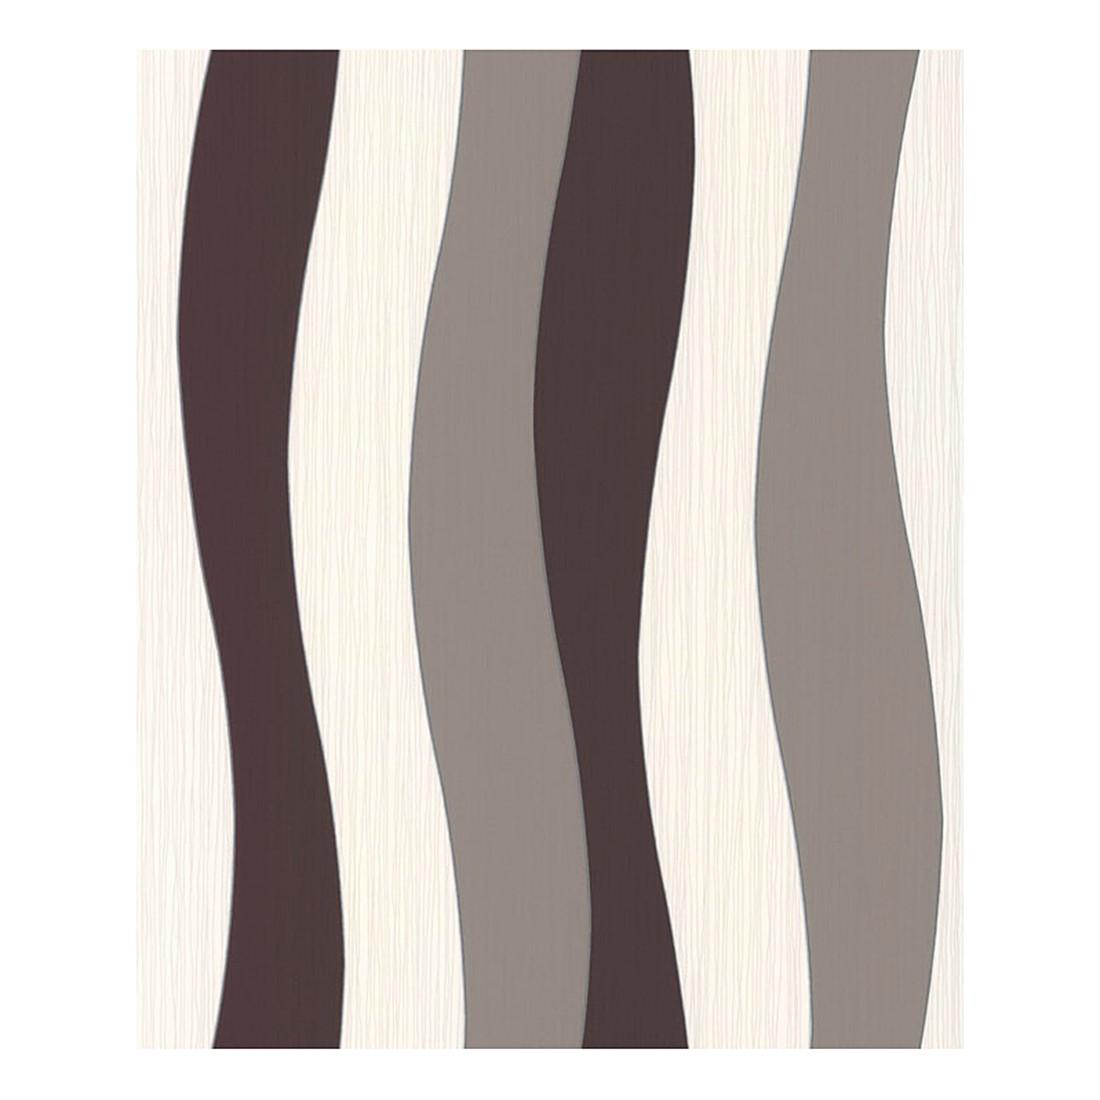 Tapete Daniel Hechter – creme – schokoladenbraun – beigegrau – fein strukturiert – Modell 1, Daniel Hechter günstig